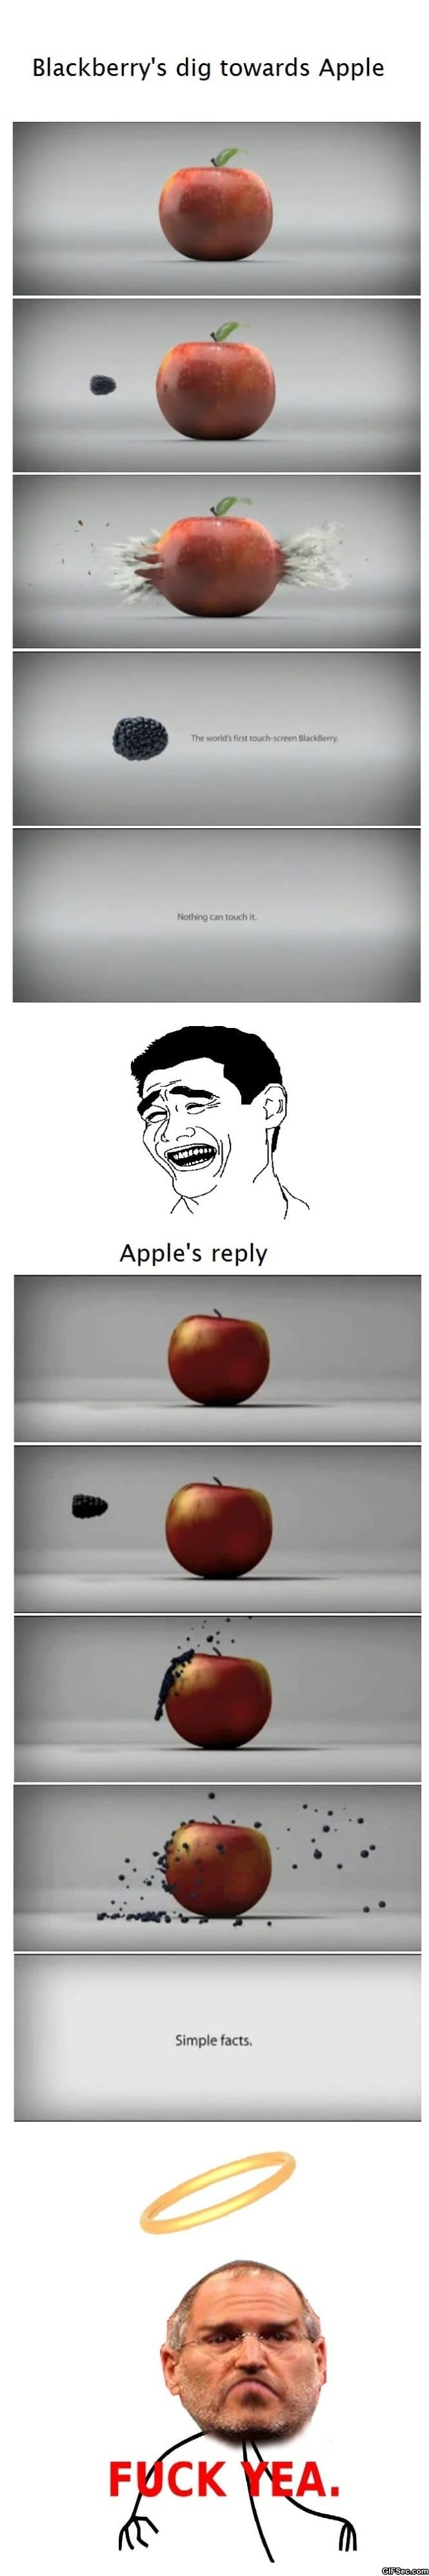 blackberry-vs-apple